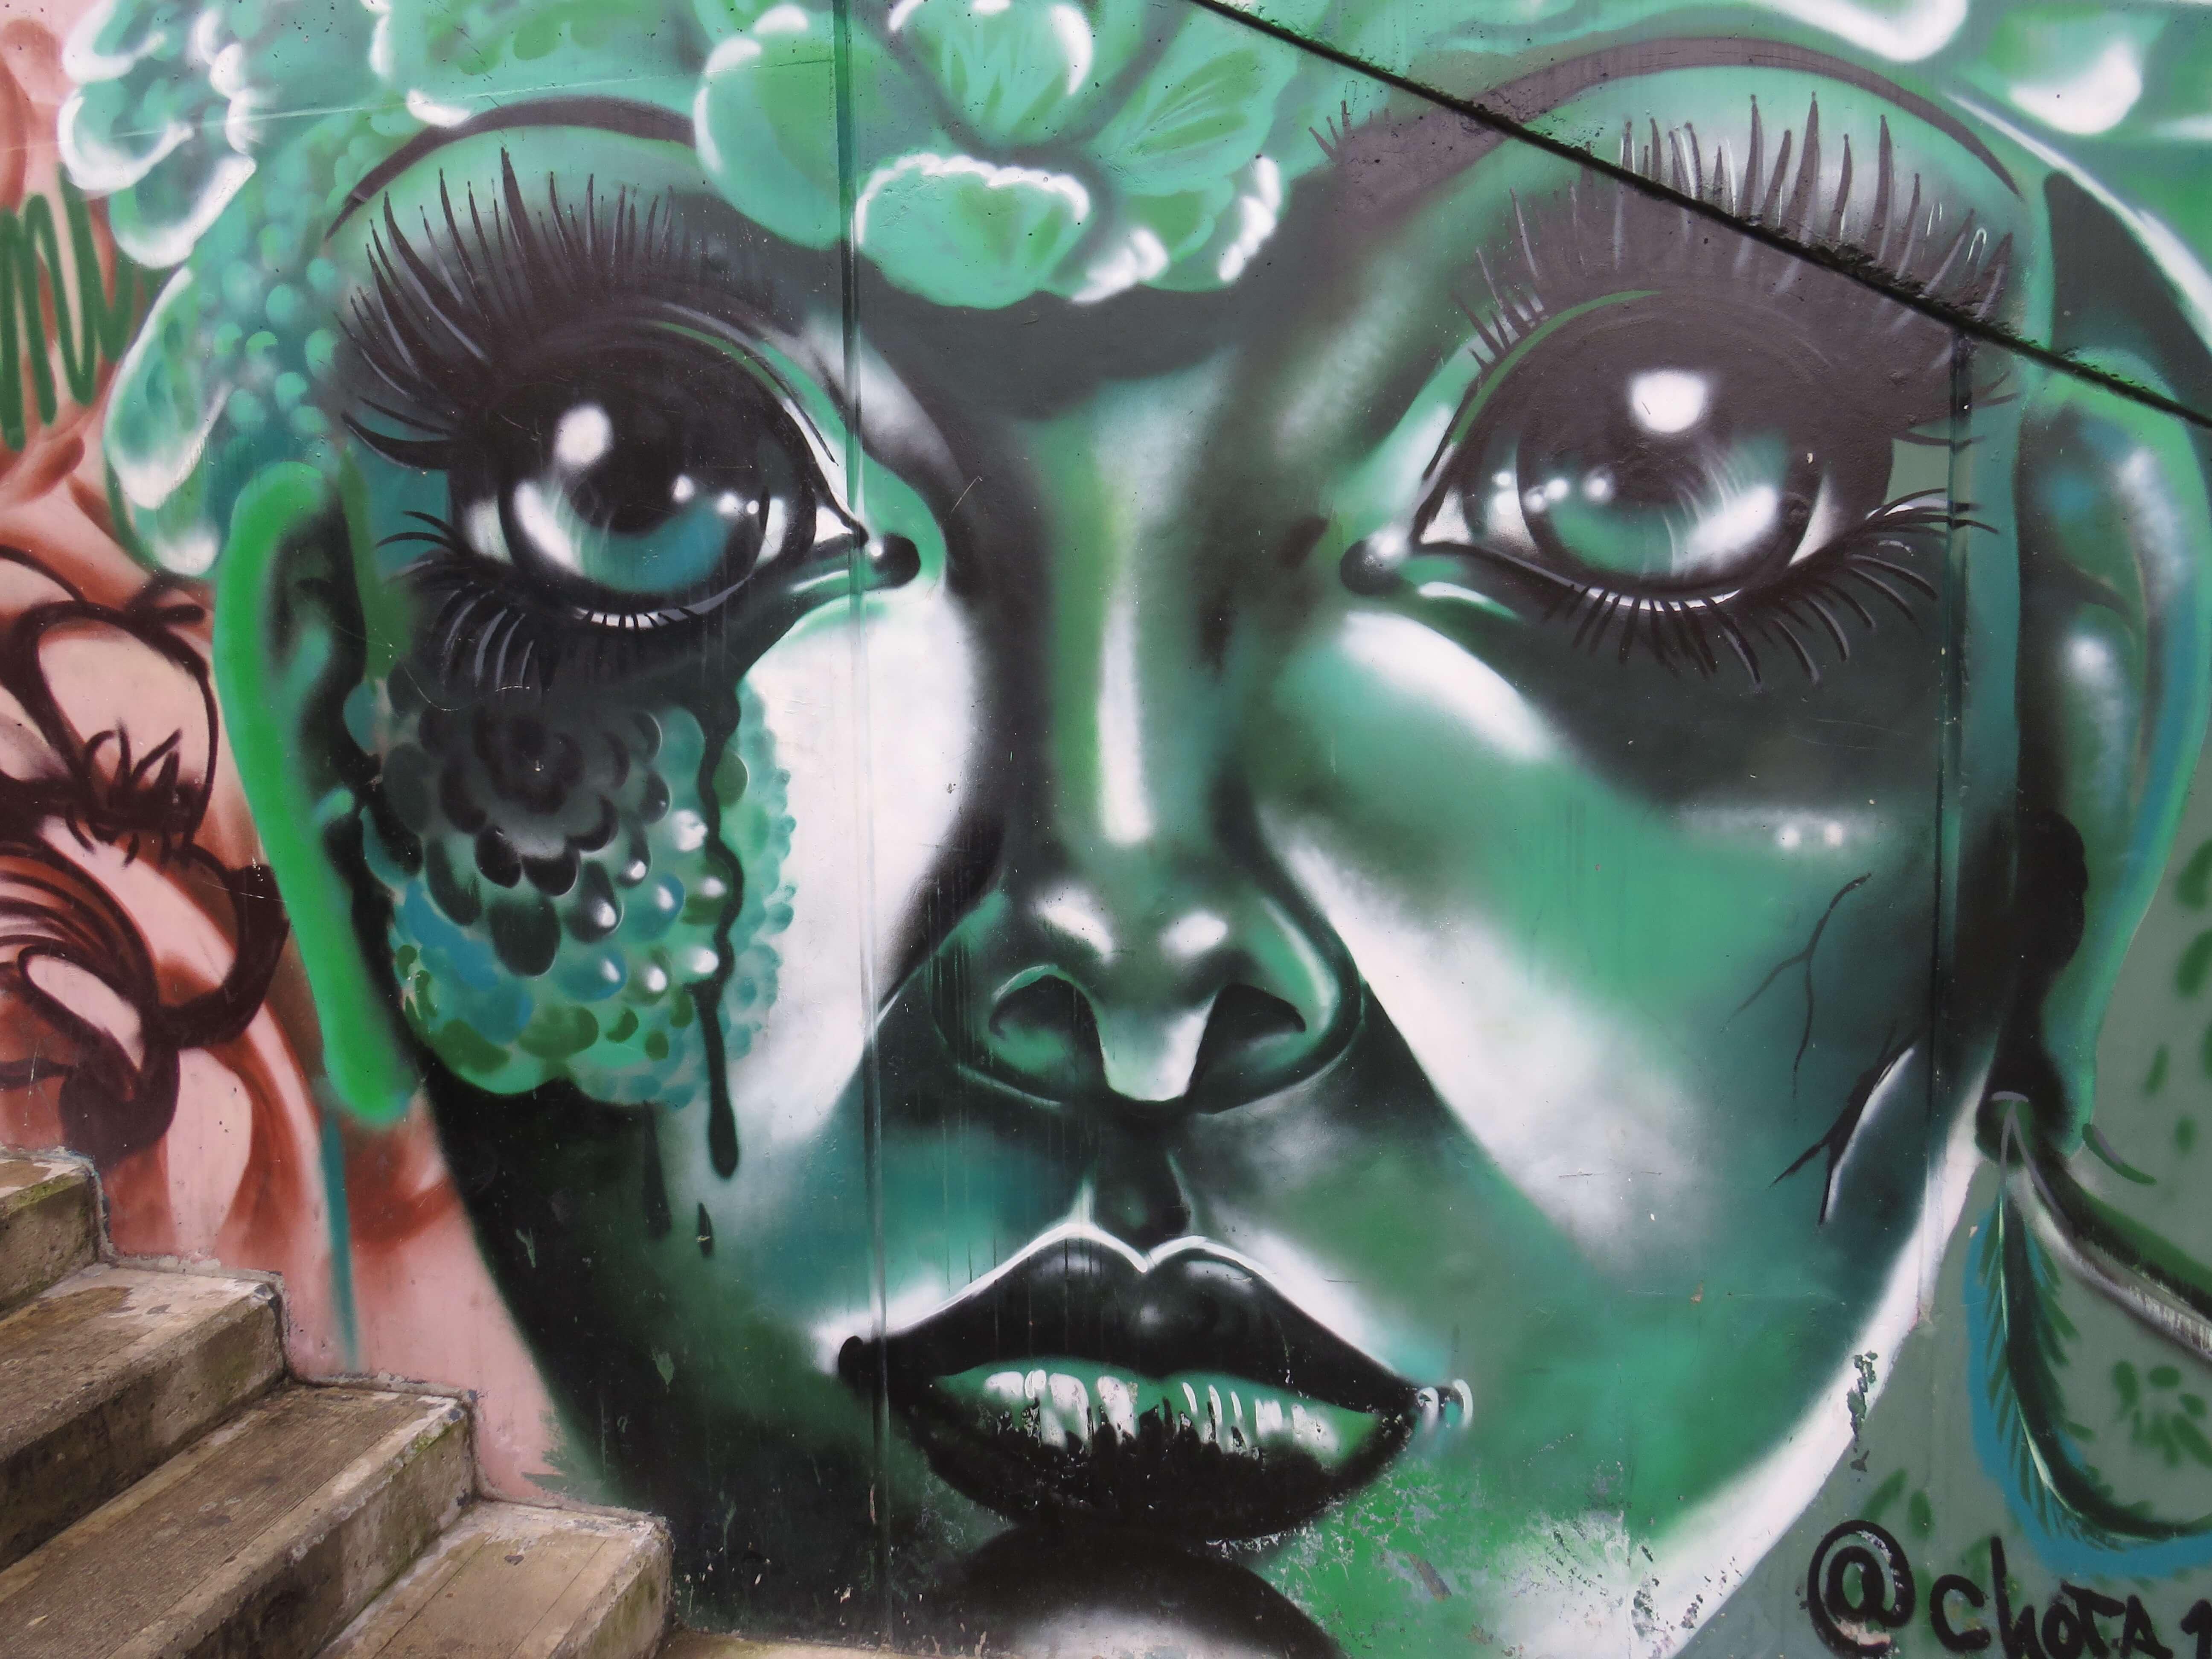 Comuna 13 Chota